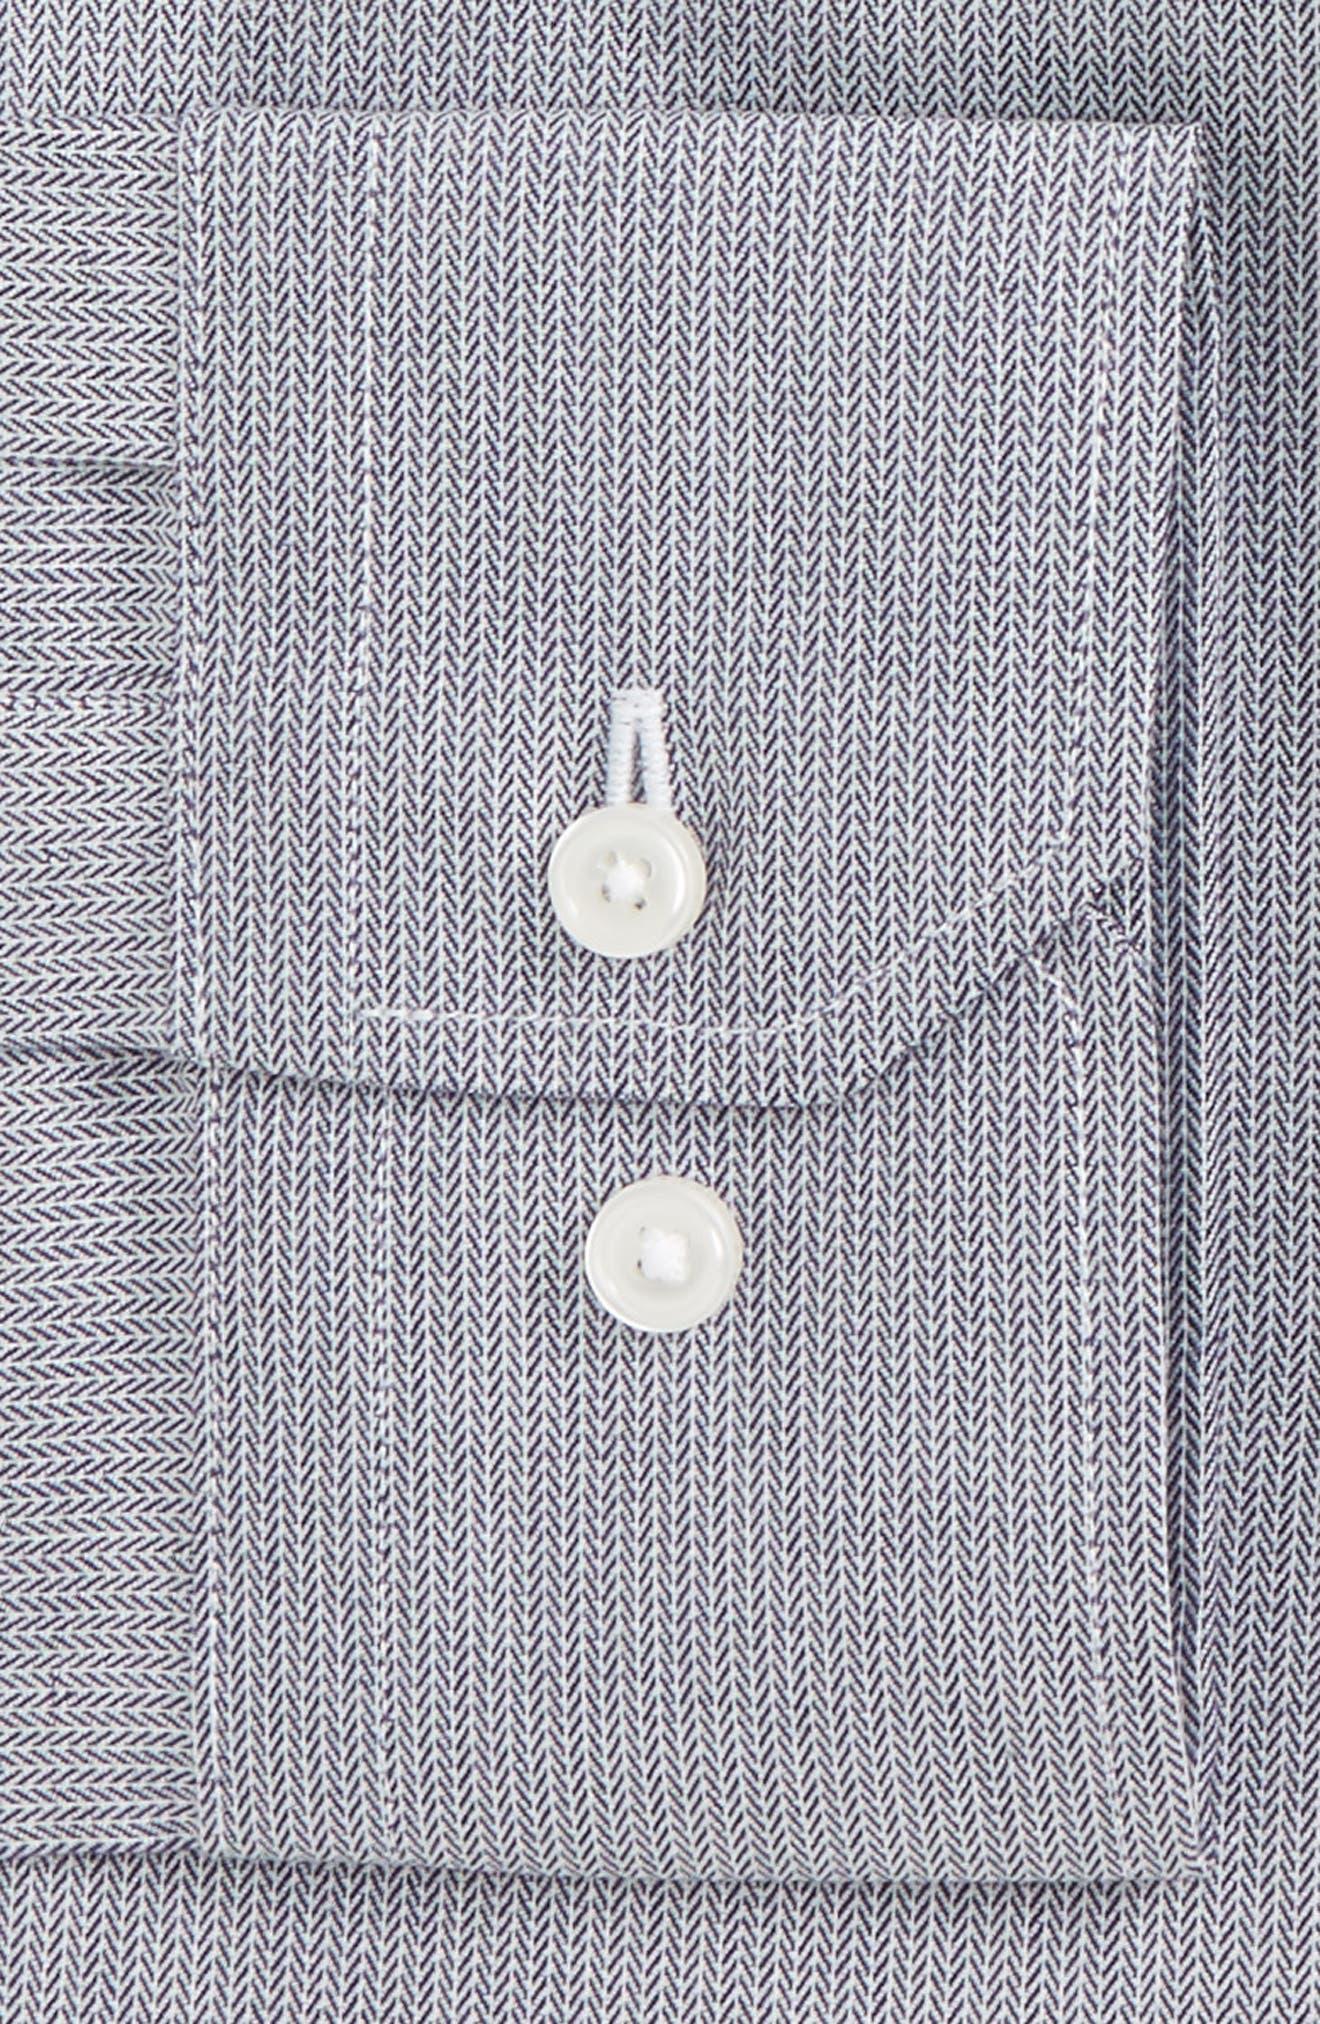 Trim Fit No-Iron Stretch Cotton Dress Shirt,                             Alternate thumbnail 2, color,                             021